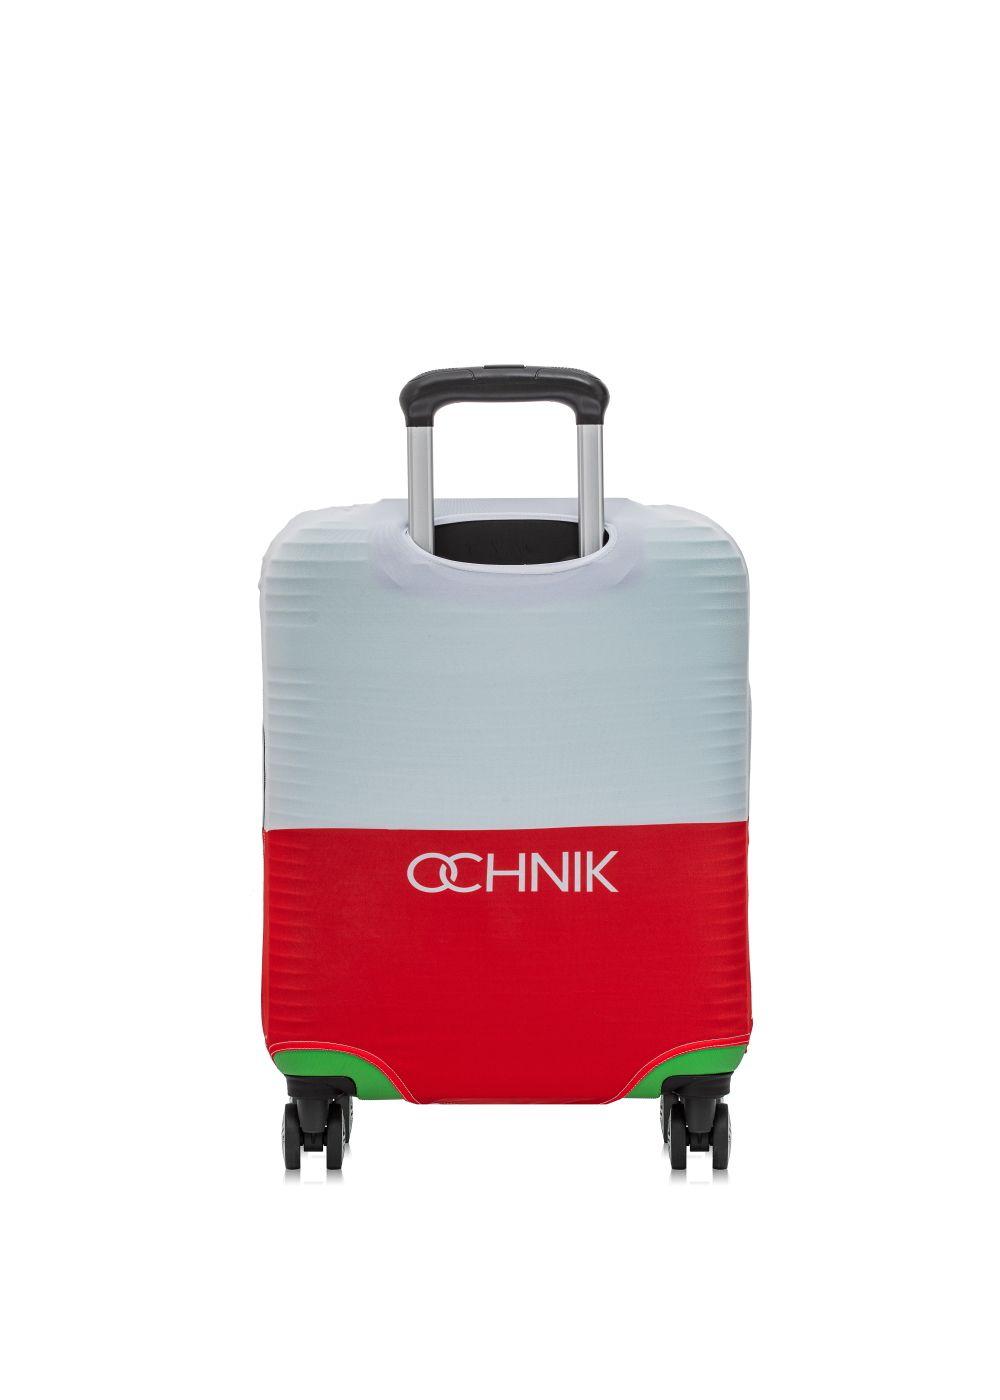 Pokrowiec na małą walizkę AW-004-0015-15(W21)